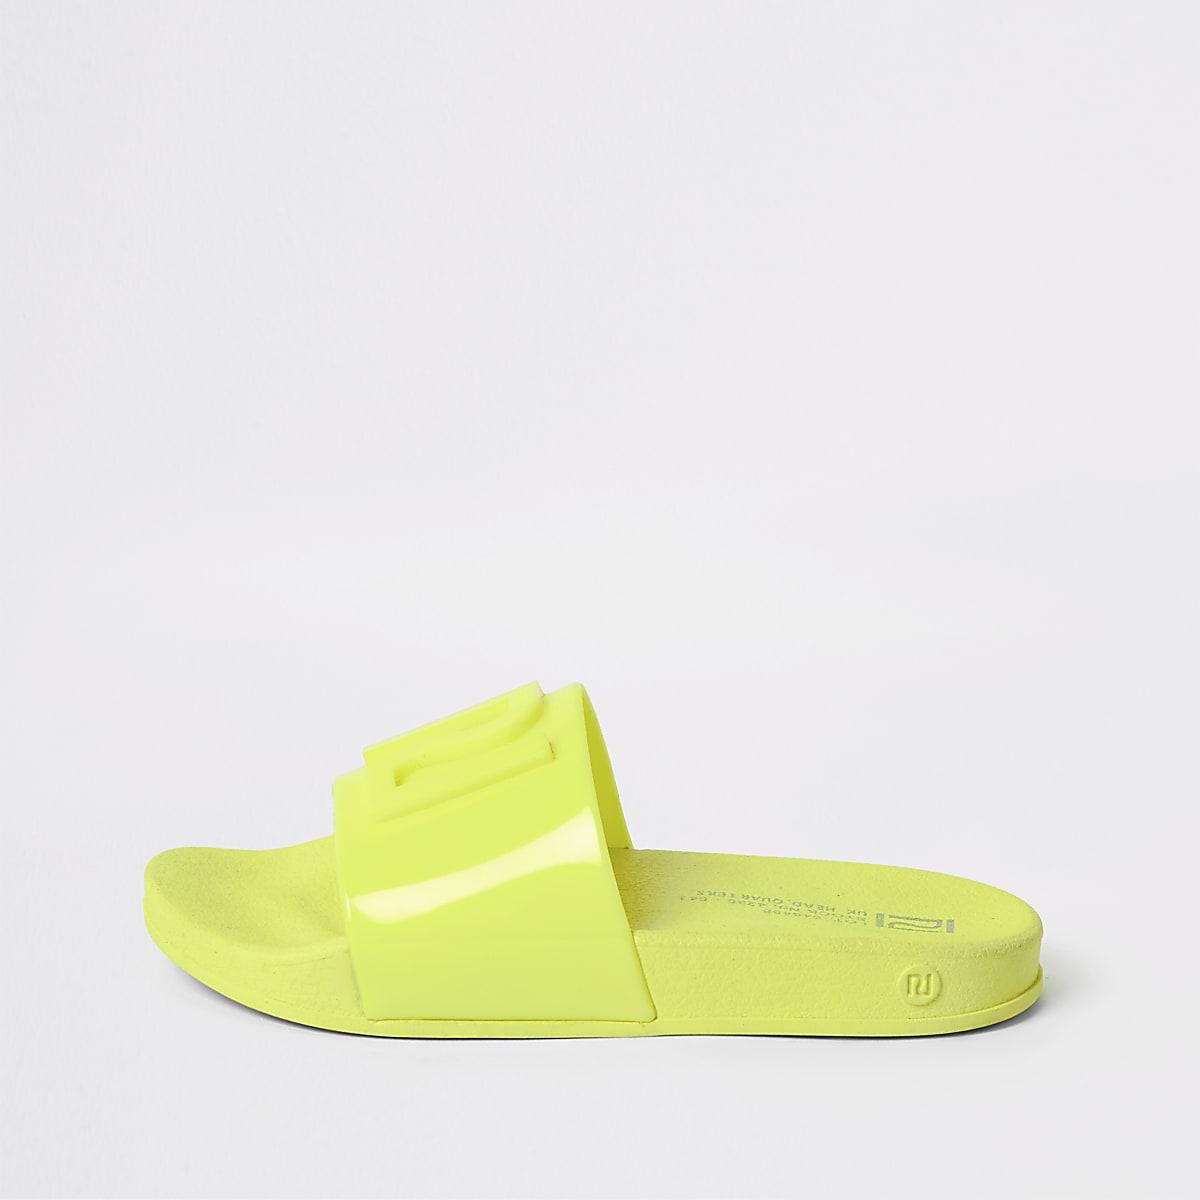 Neongele jelly slippers met RI-logo voor kinderen